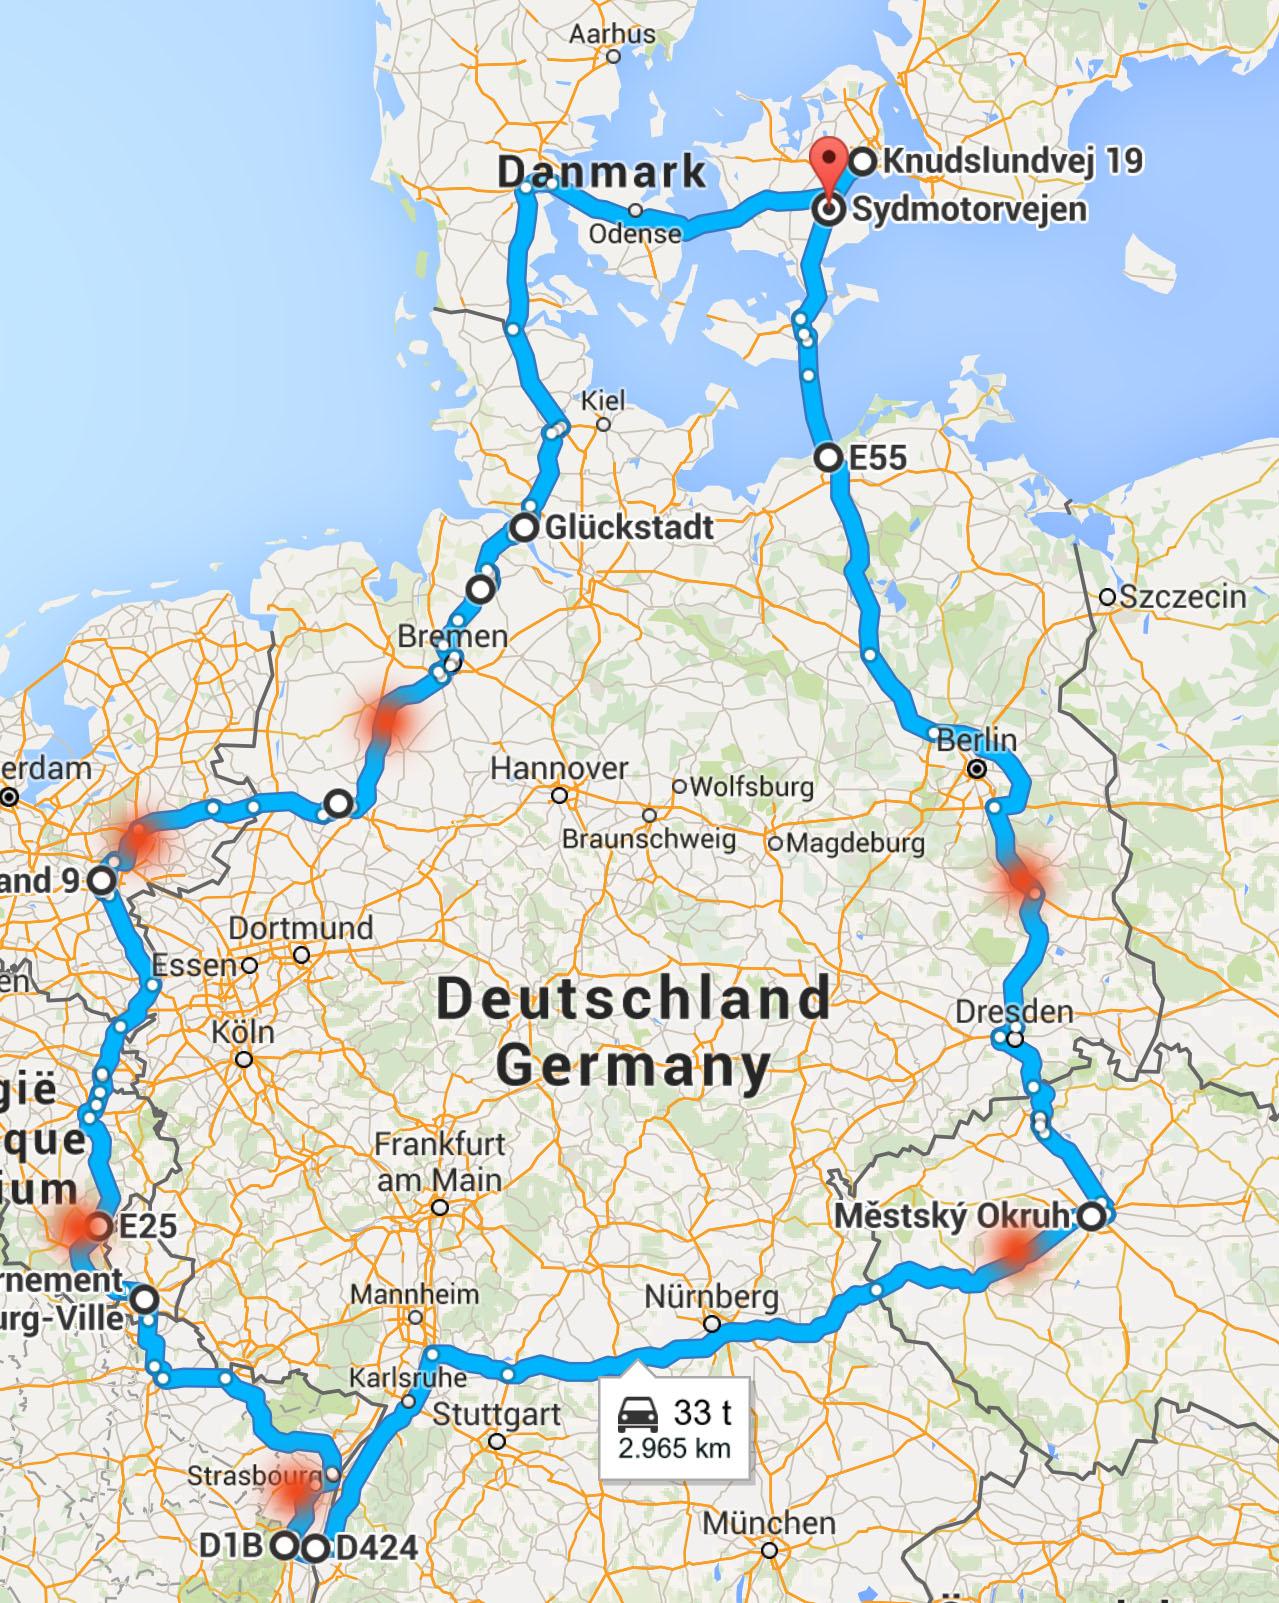 7 Lande på 7 dage - del 1 - Danmark til Tyskland